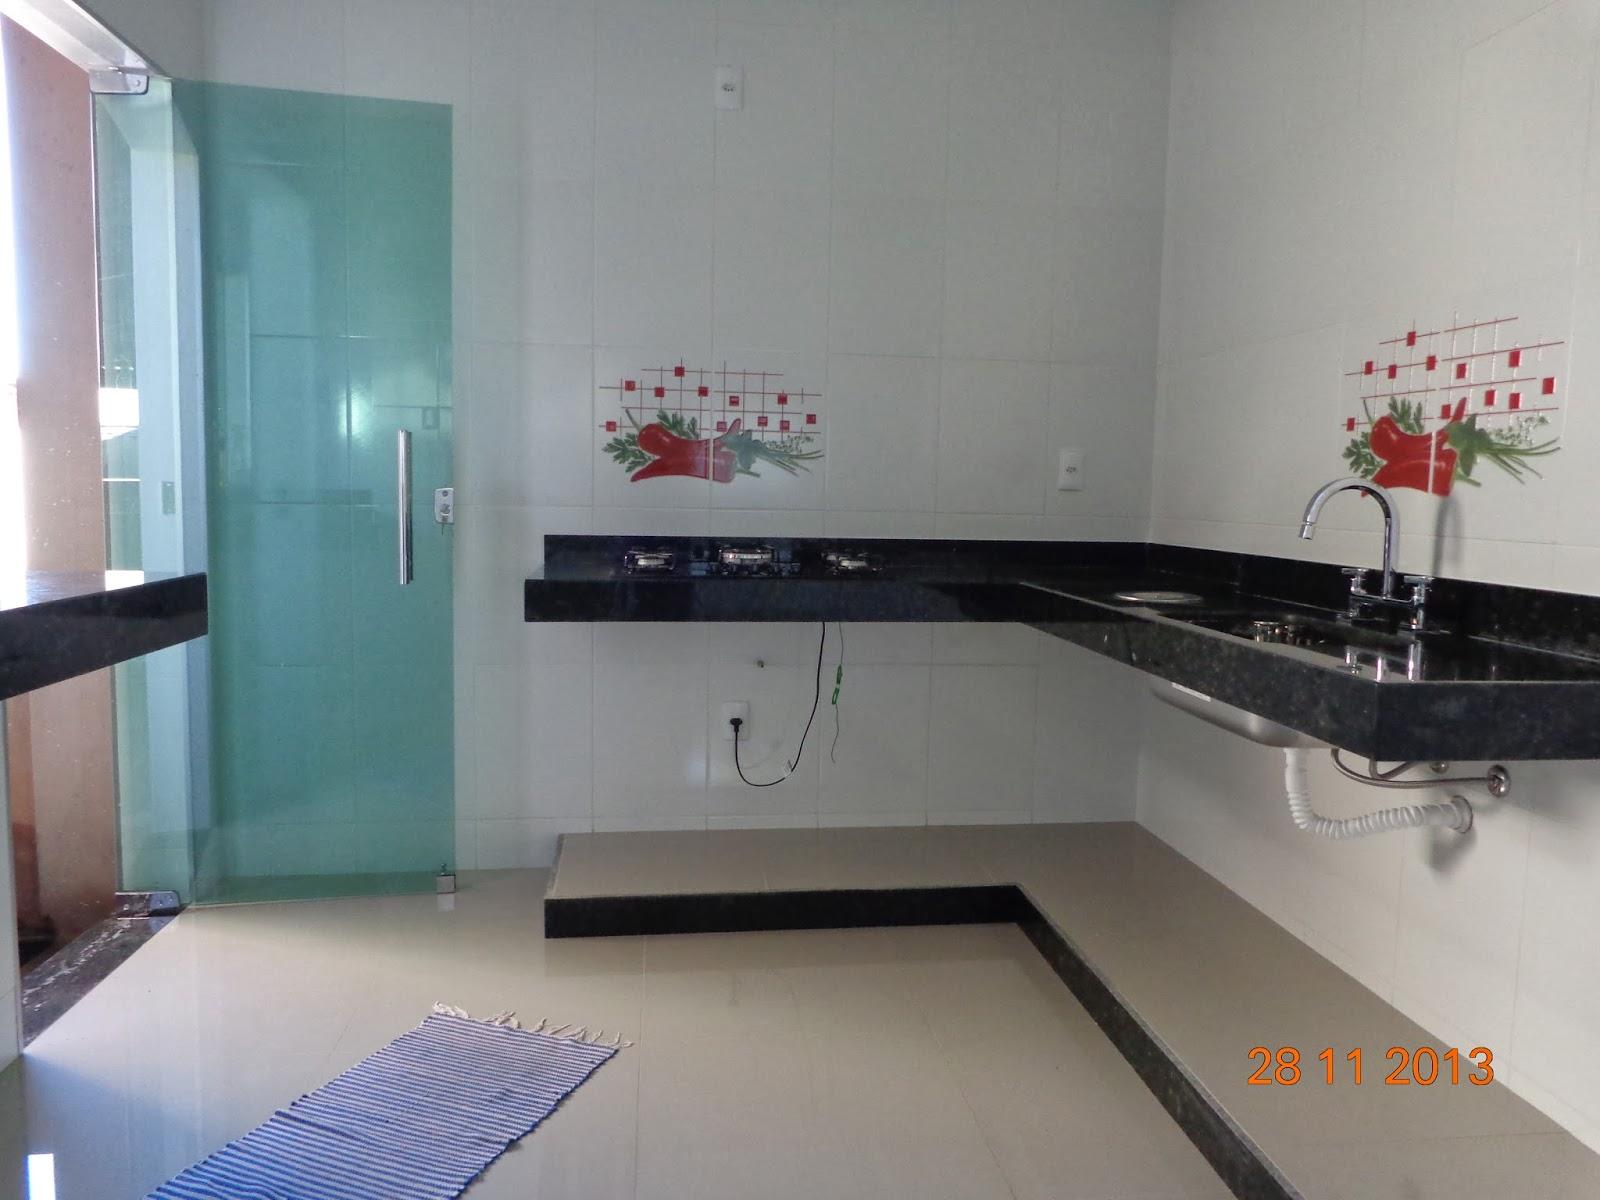 na lixeira de embutir pra não vazar água debaixo da bancada #4A7181 1600x1200 Armario Banheiro De Embutir